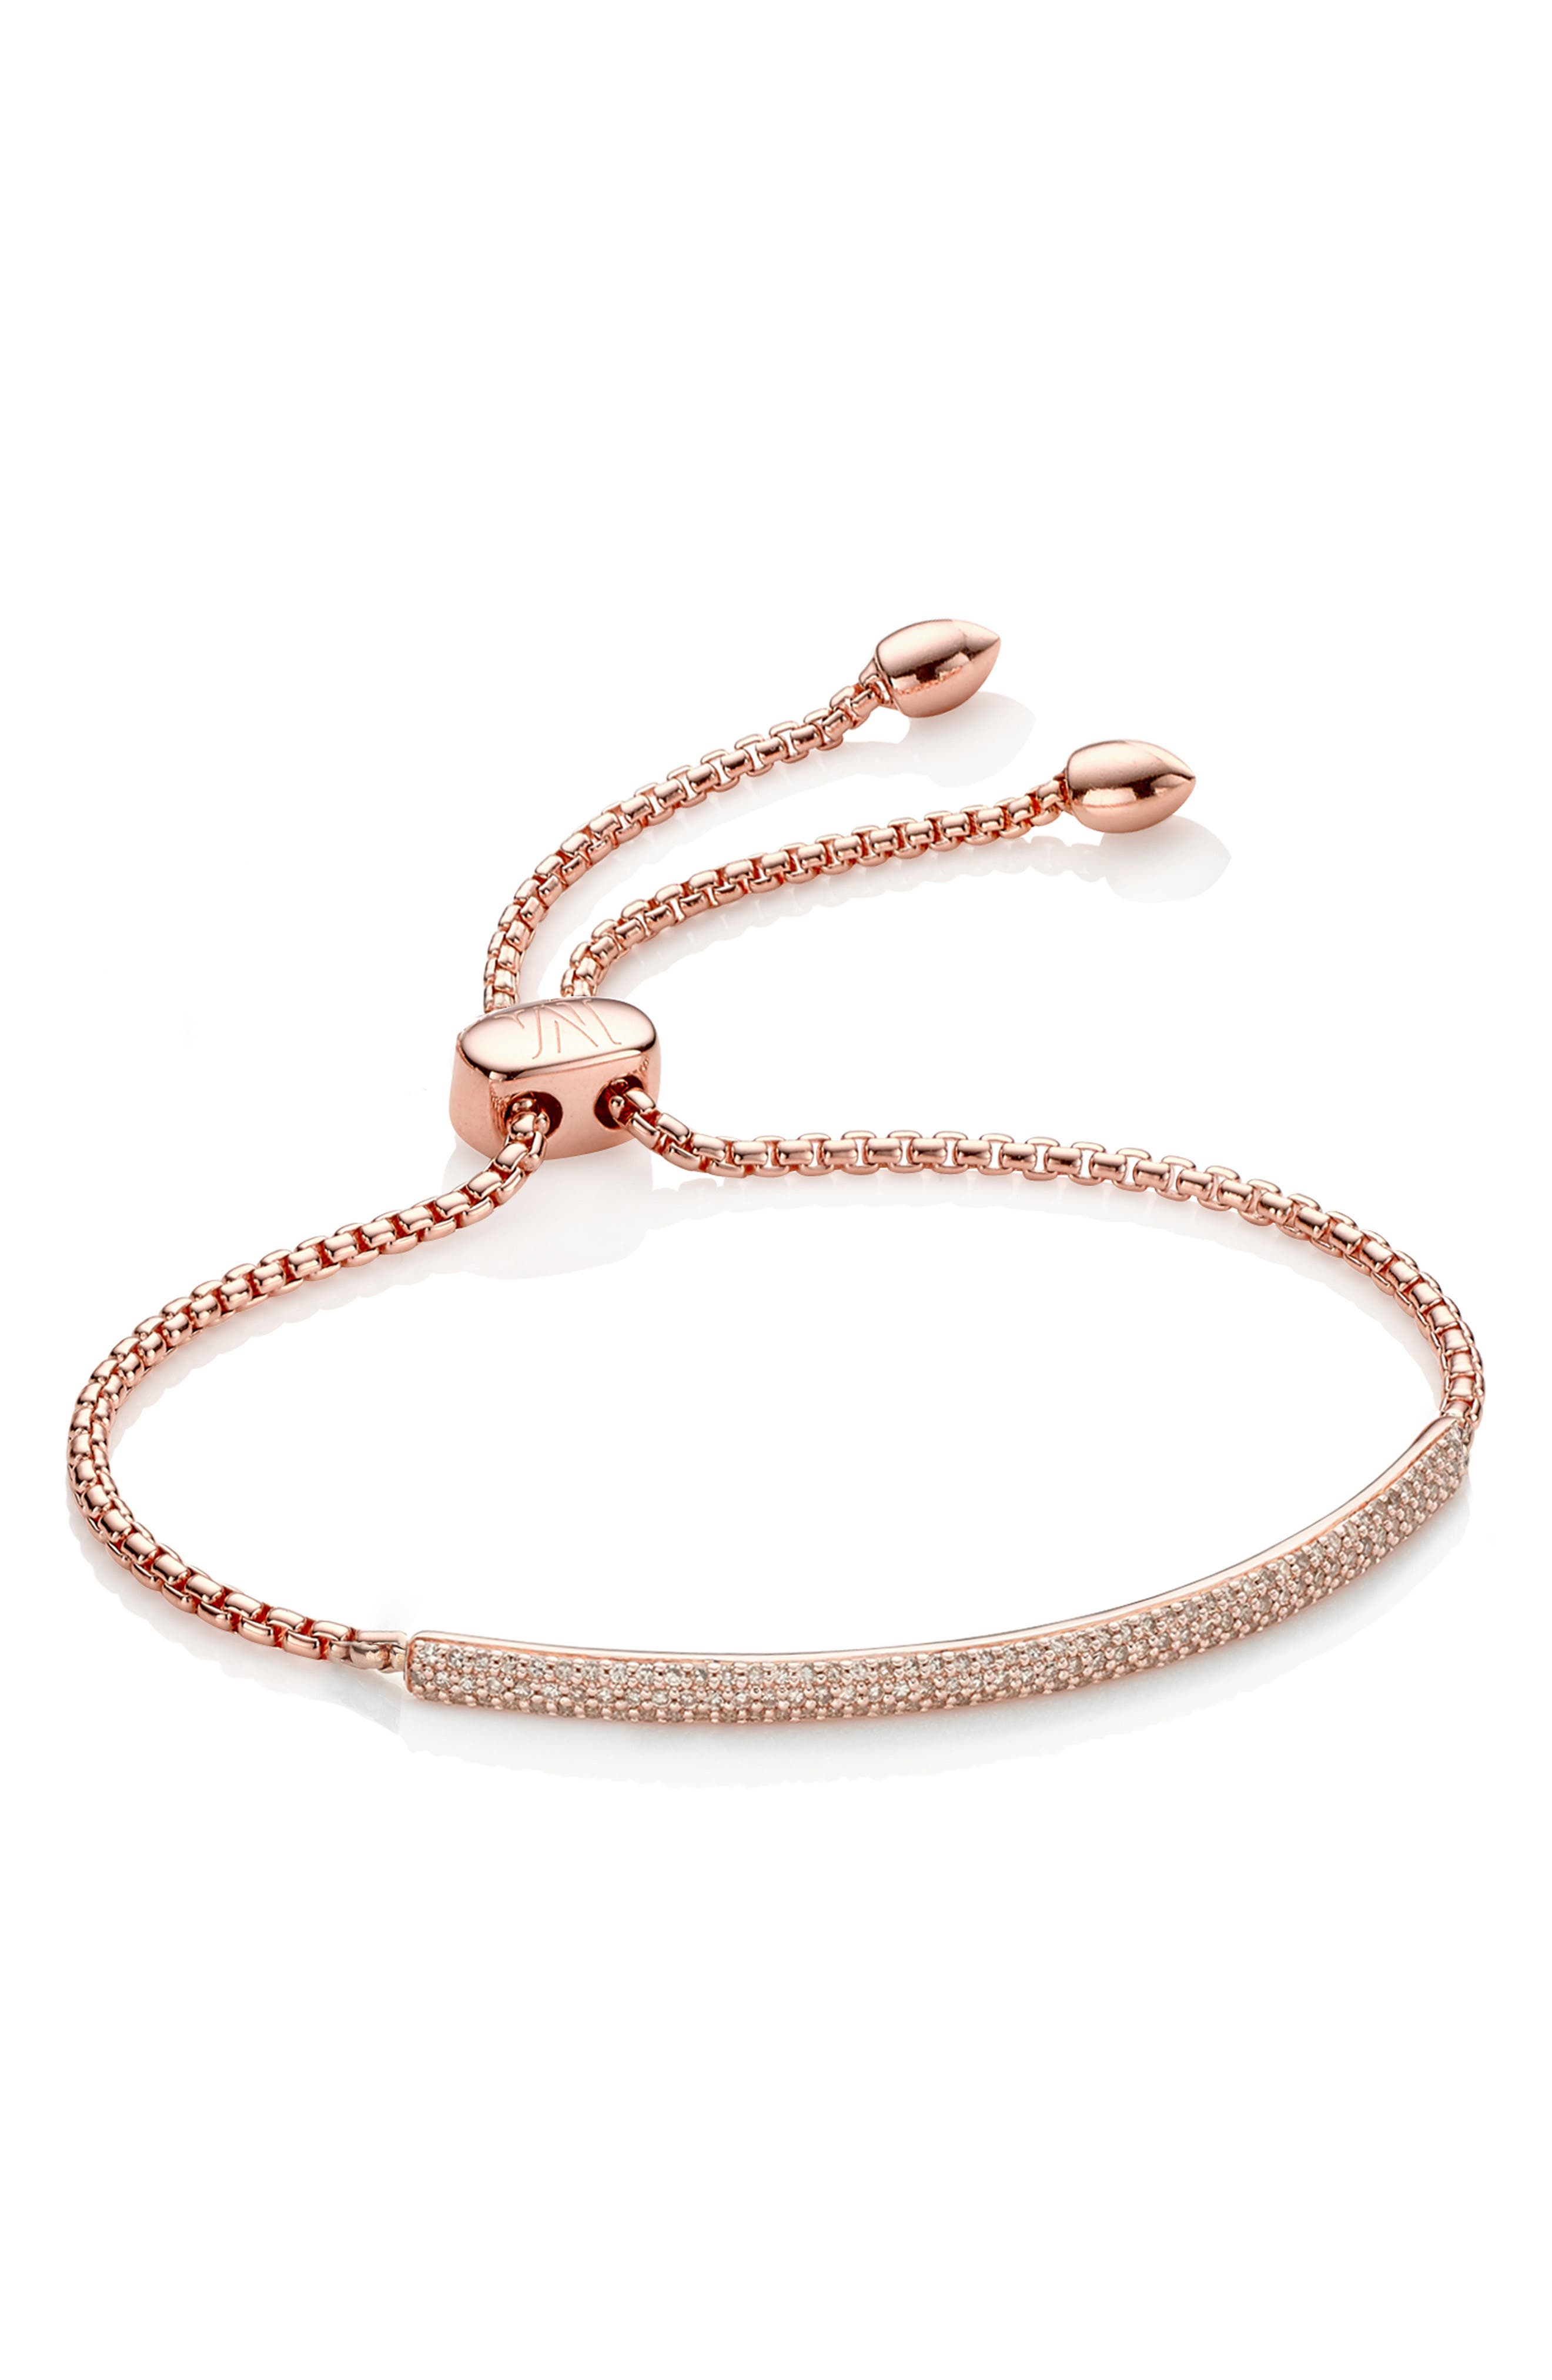 Stellar Pavé Diamond Mini Bar Bracelet,                             Alternate thumbnail 2, color,                             ROSE GOLD